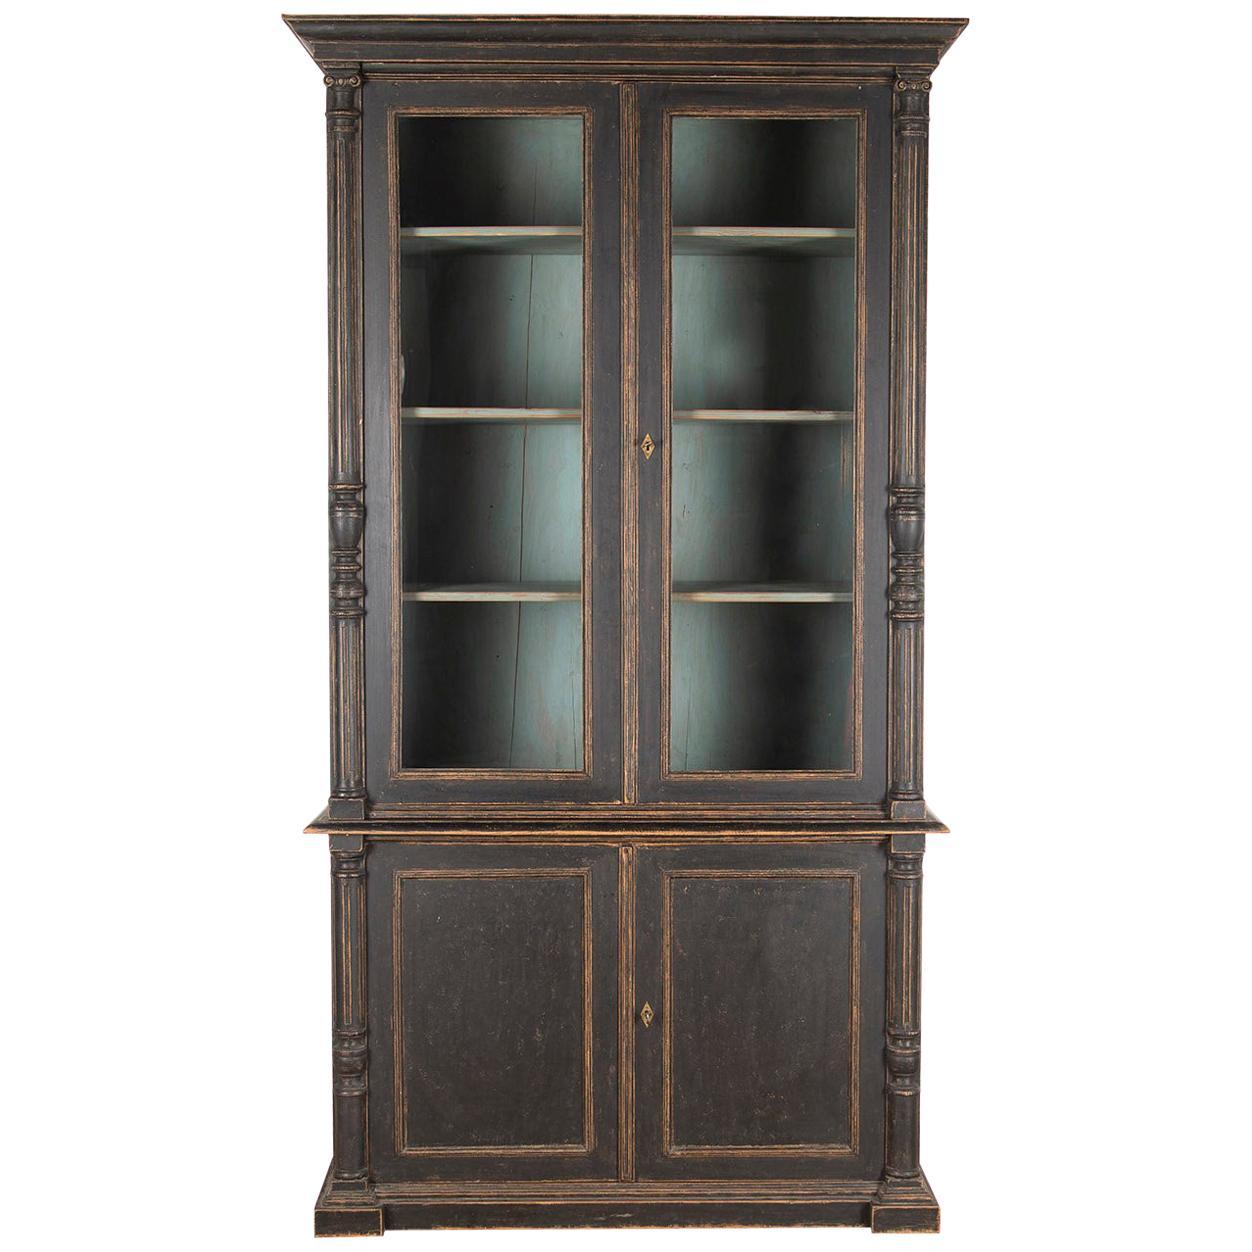 19th Century Glaze Bookcase